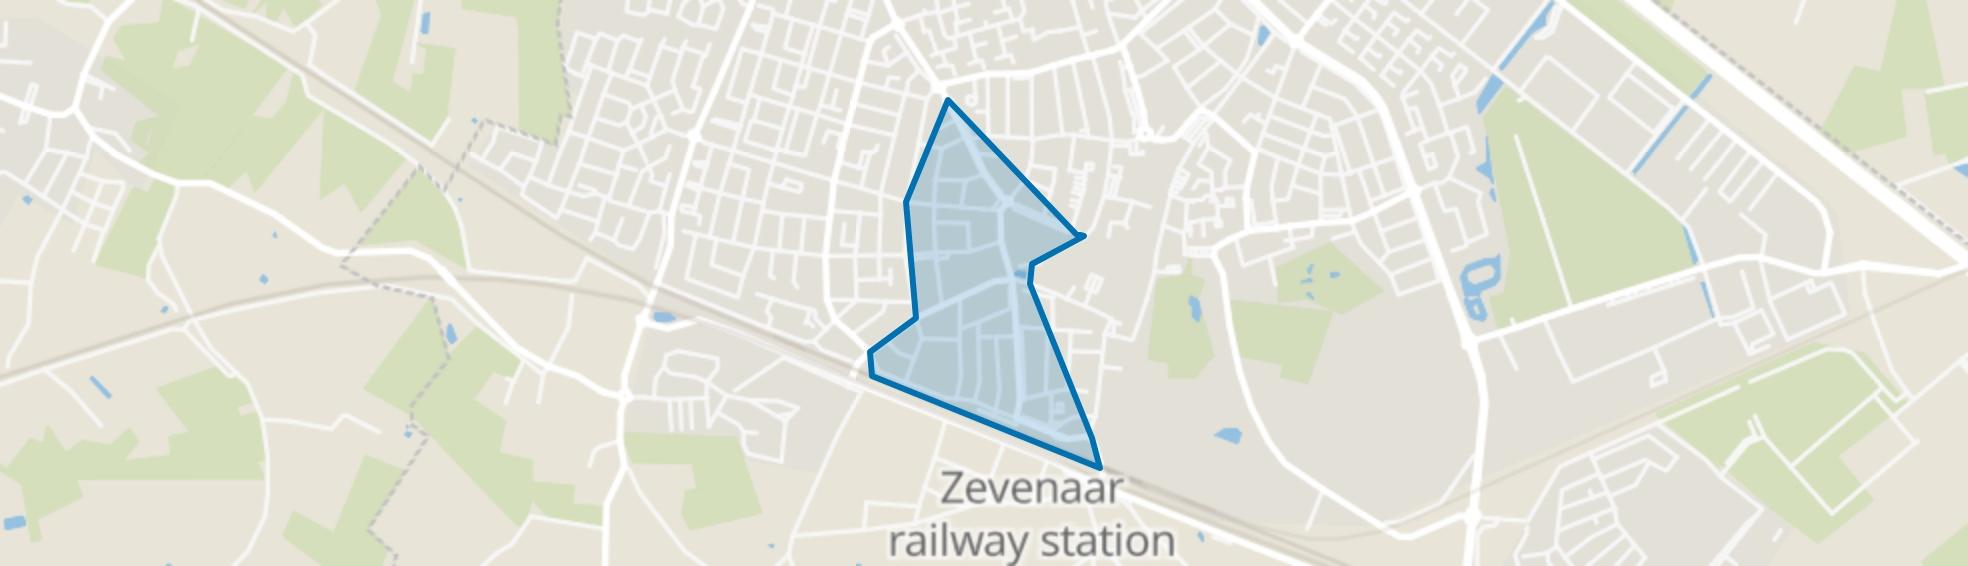 Molenwijk, Zevenaar map